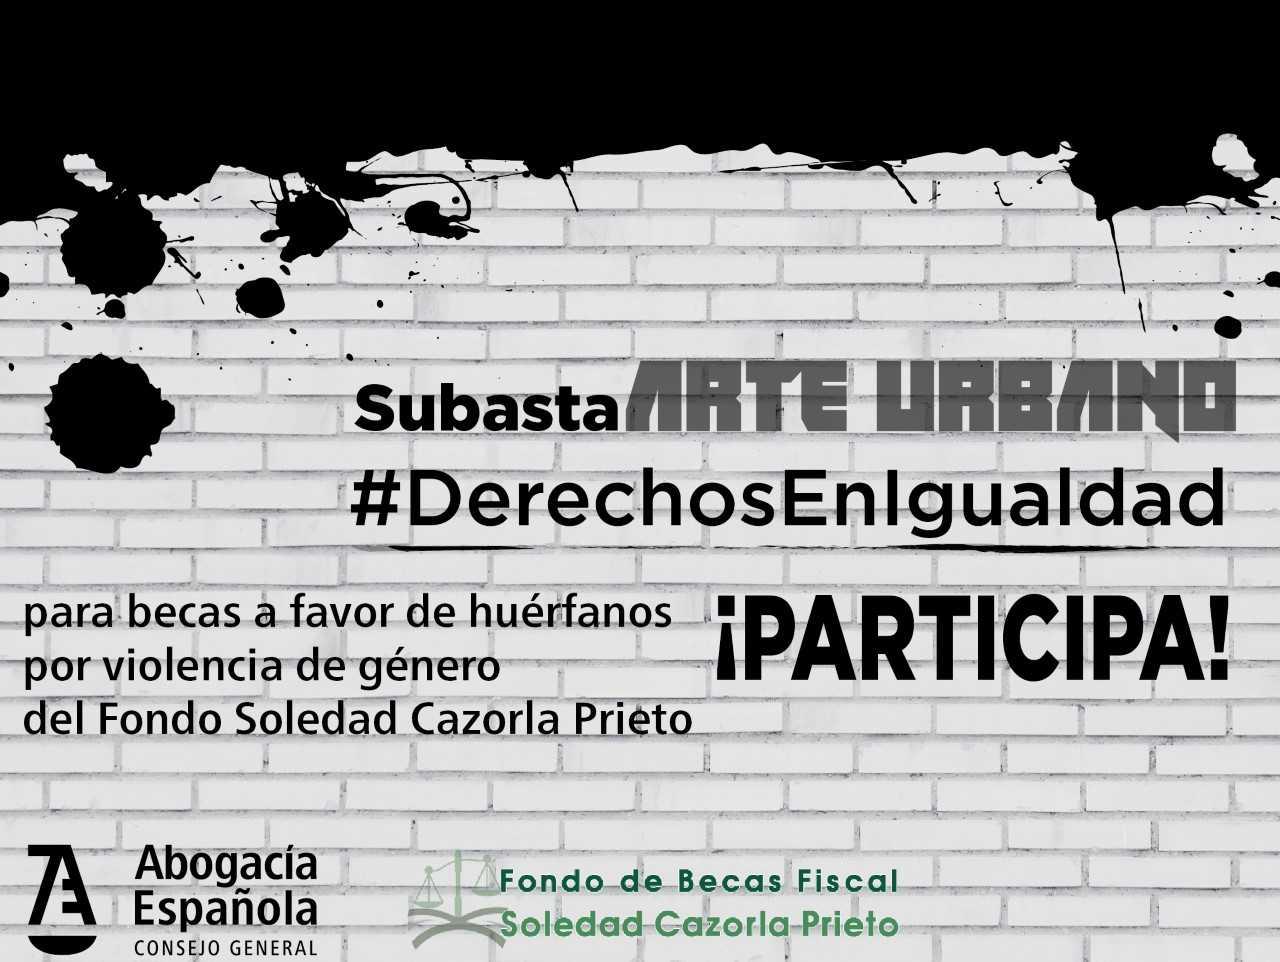 Subasta solidaria de arte urbano. ¡Puja por la igualdad!